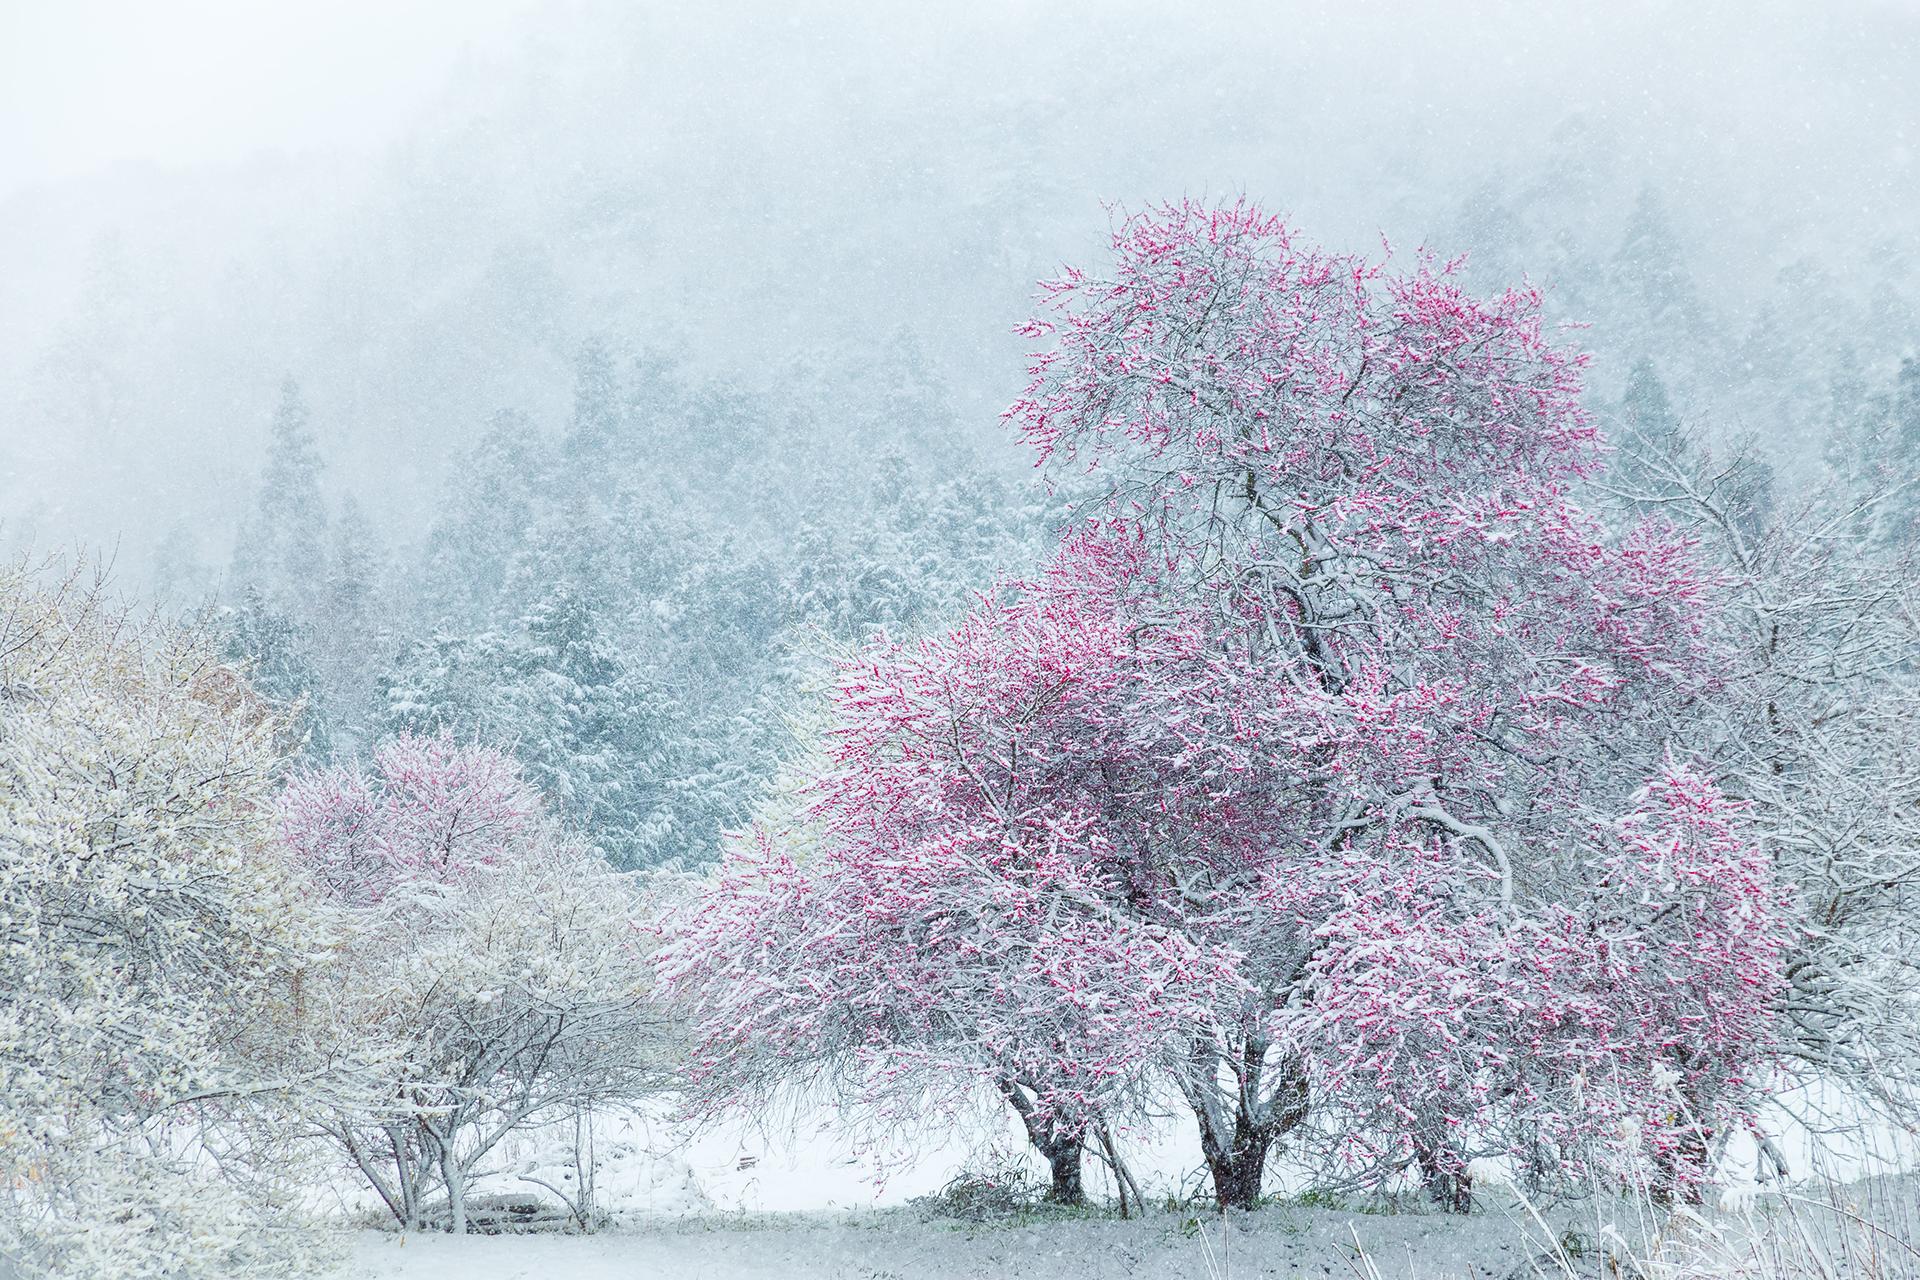 photographer Masahiro Hiroike